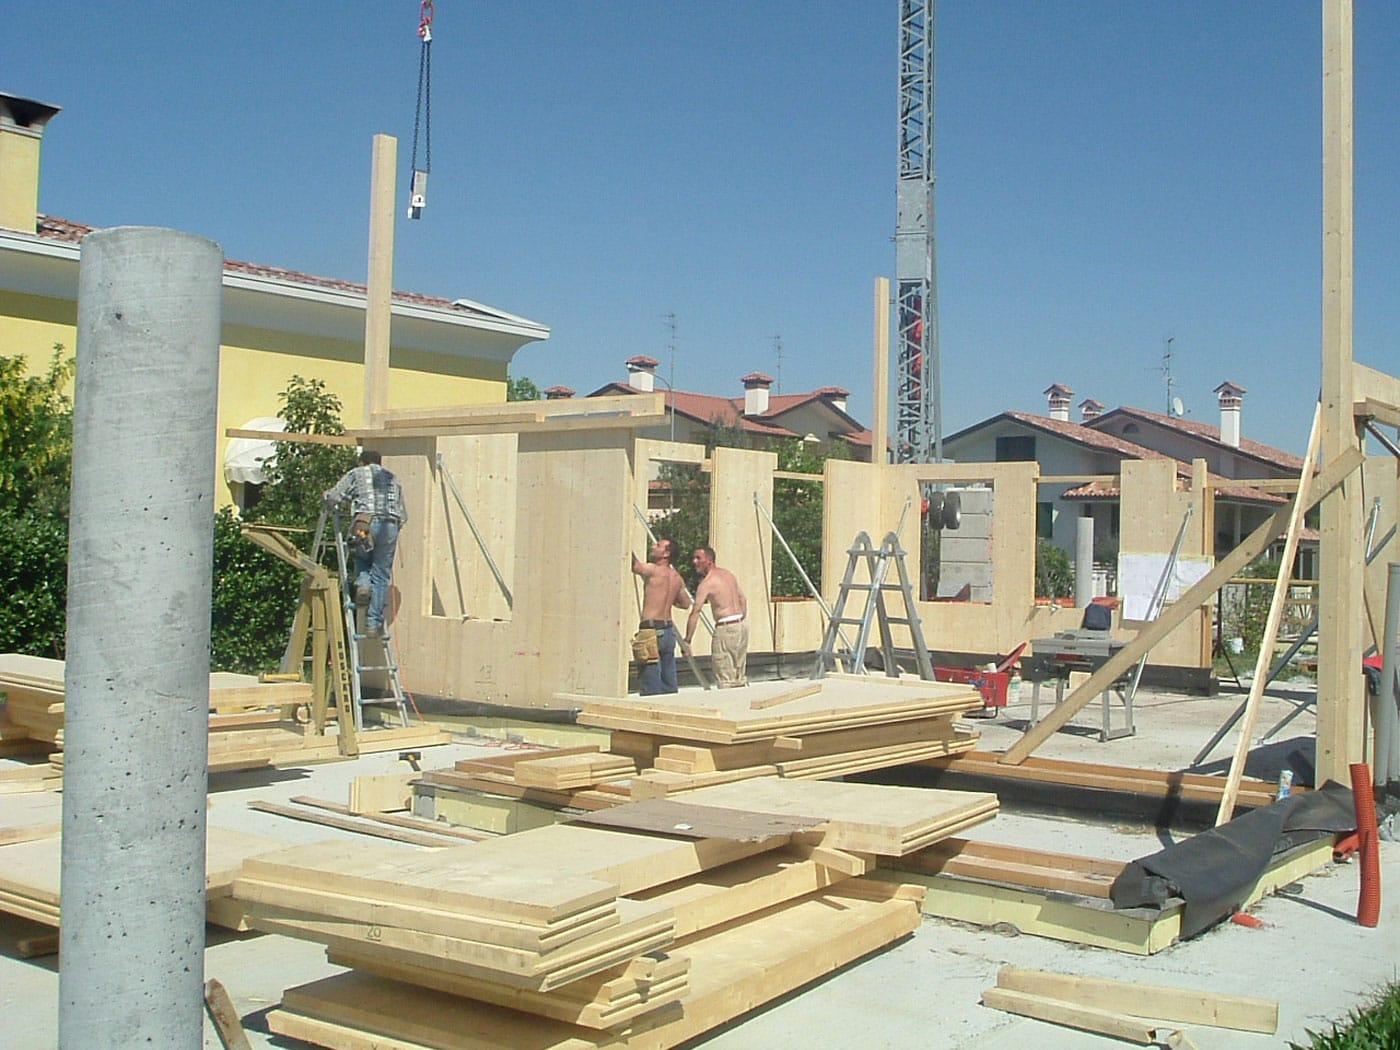 Immagini villette a due piani amazing due piani sfalsati for Piani casa ranch con 3 box auto